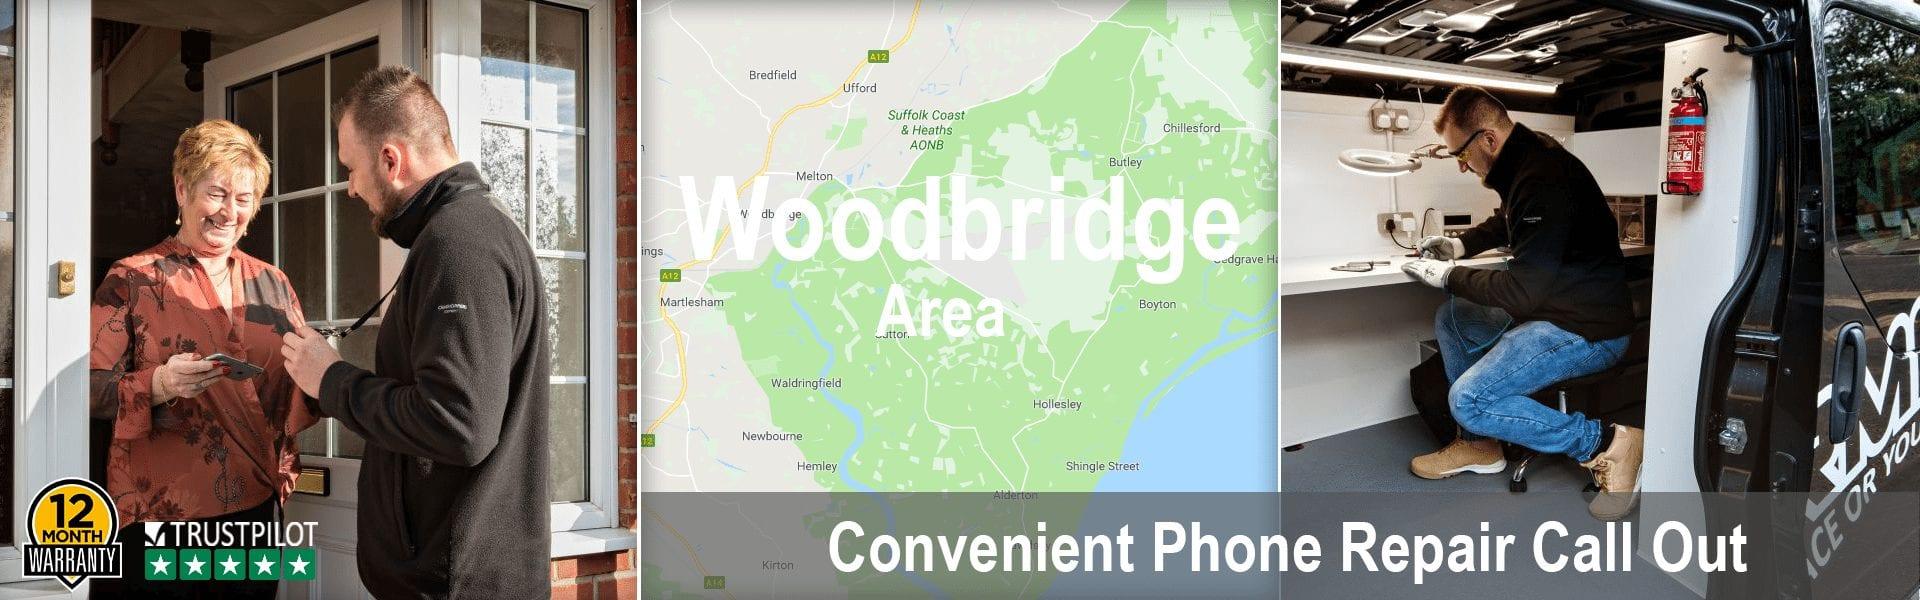 Woodbridge phone repair by ArmaFone header image